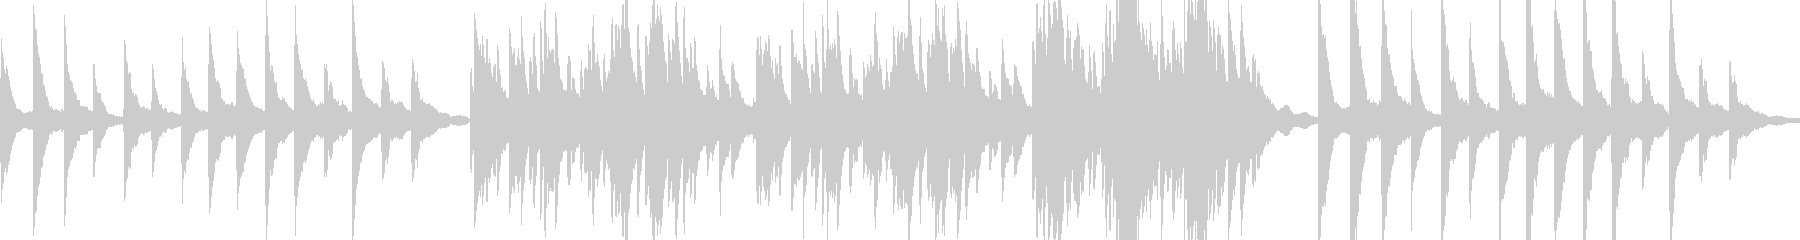 ゆったりと静かなピアノソロ の未再生の波形